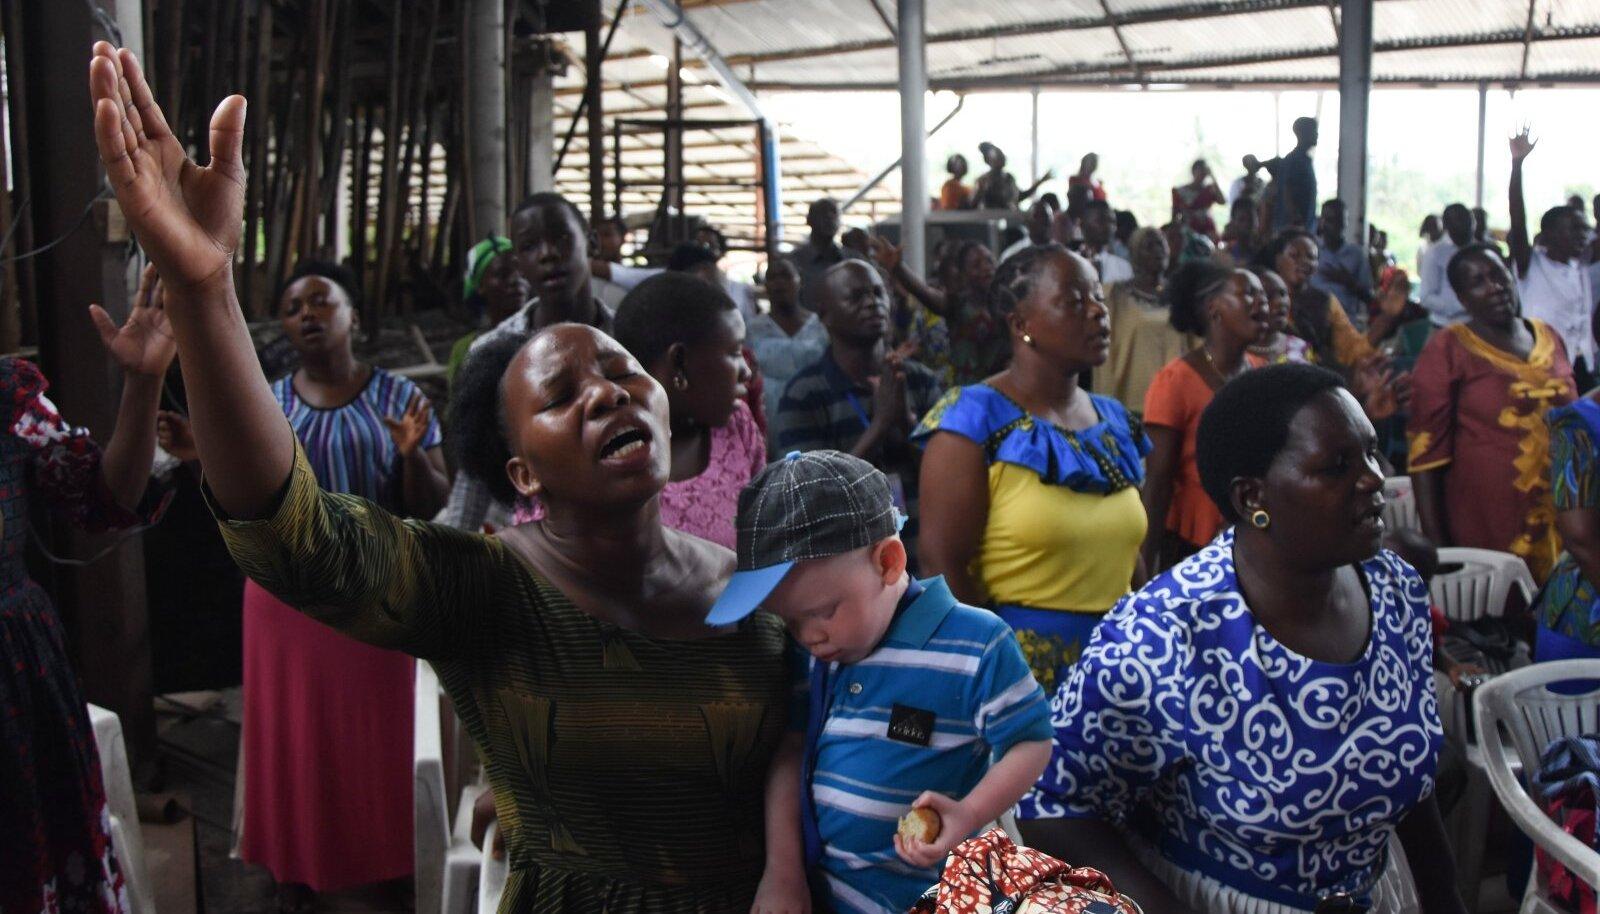 Tansaanlased loodavad palvetades koroonast jagu saada. Fotol 7. veebruari palvus